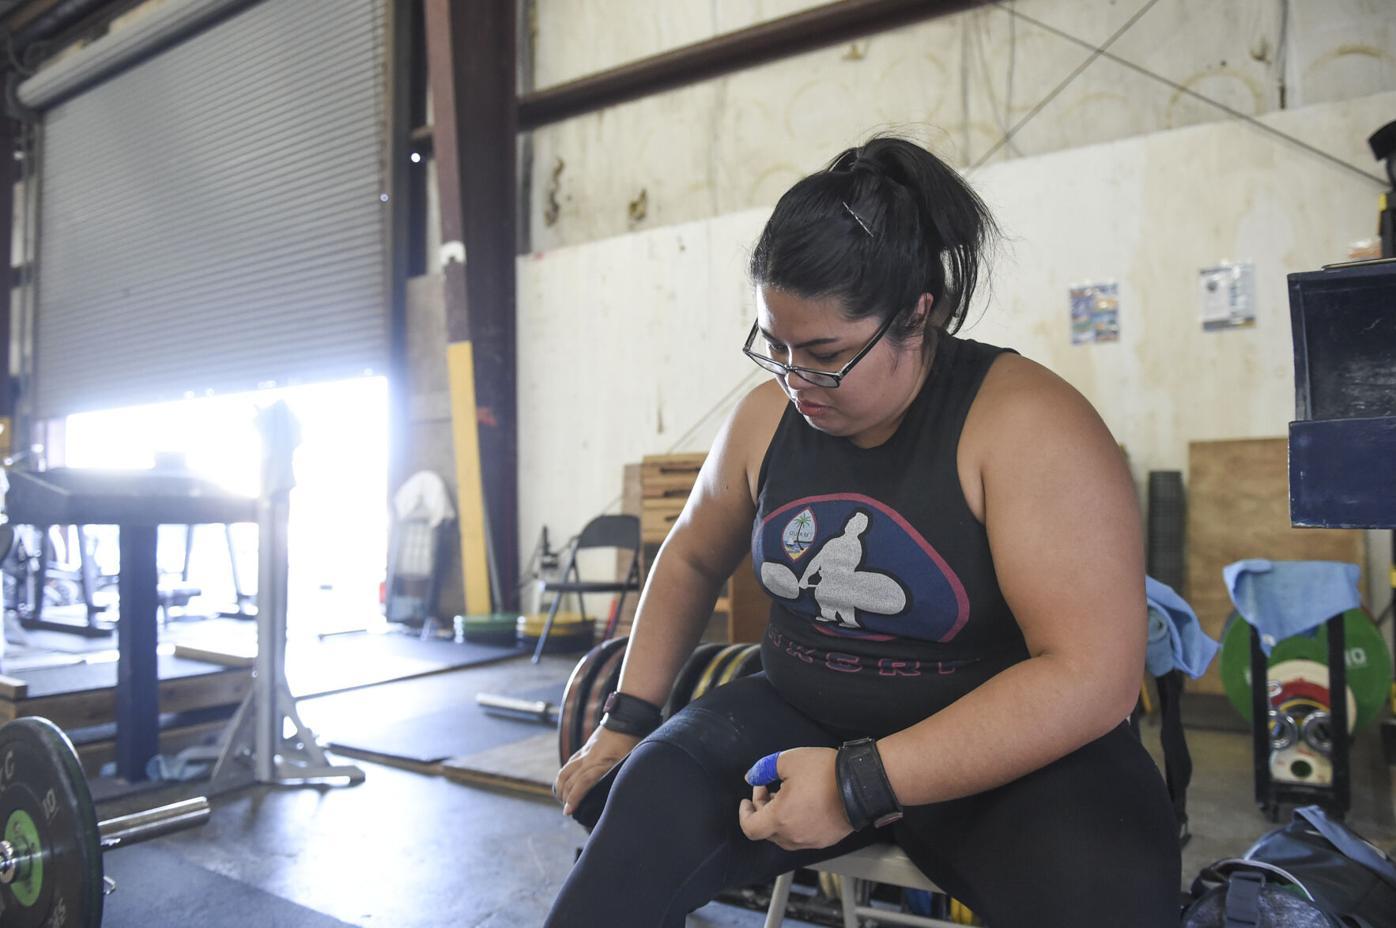 weightlifting 02.jpg